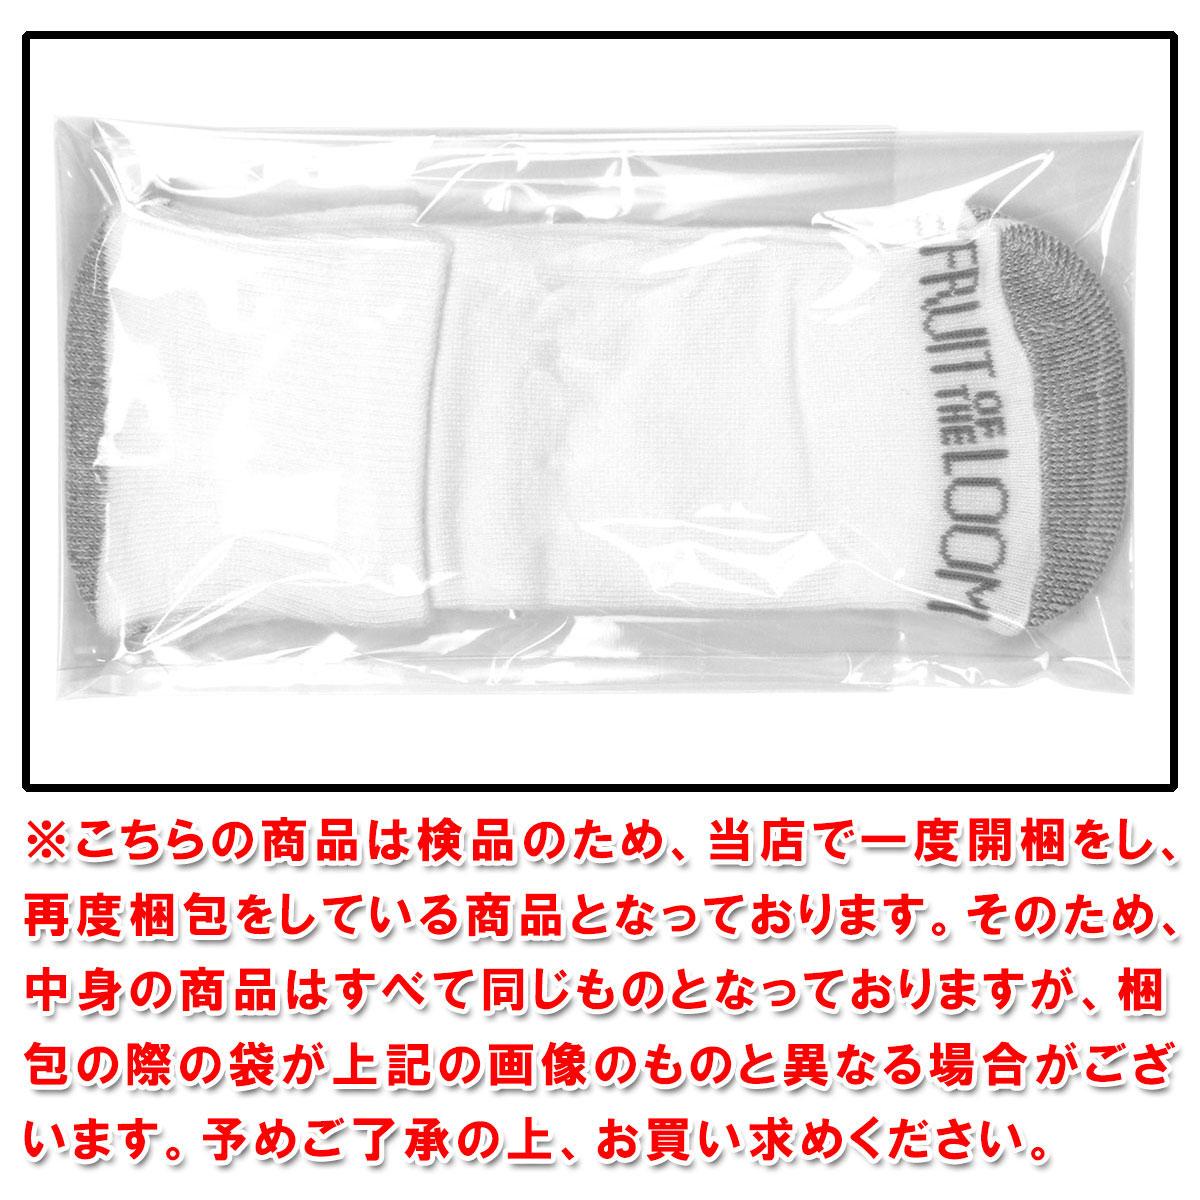 フルーツオブザルーム ソックス メンズ 正規品 FRUIT OF THE LOOM 靴下 フットカバー くるぶし丈靴下 アンクルソックス MEN'S ANKLE SOCKS WHITE M7111W6Z Size.7-12 A42B B1C C7D D1E E01F